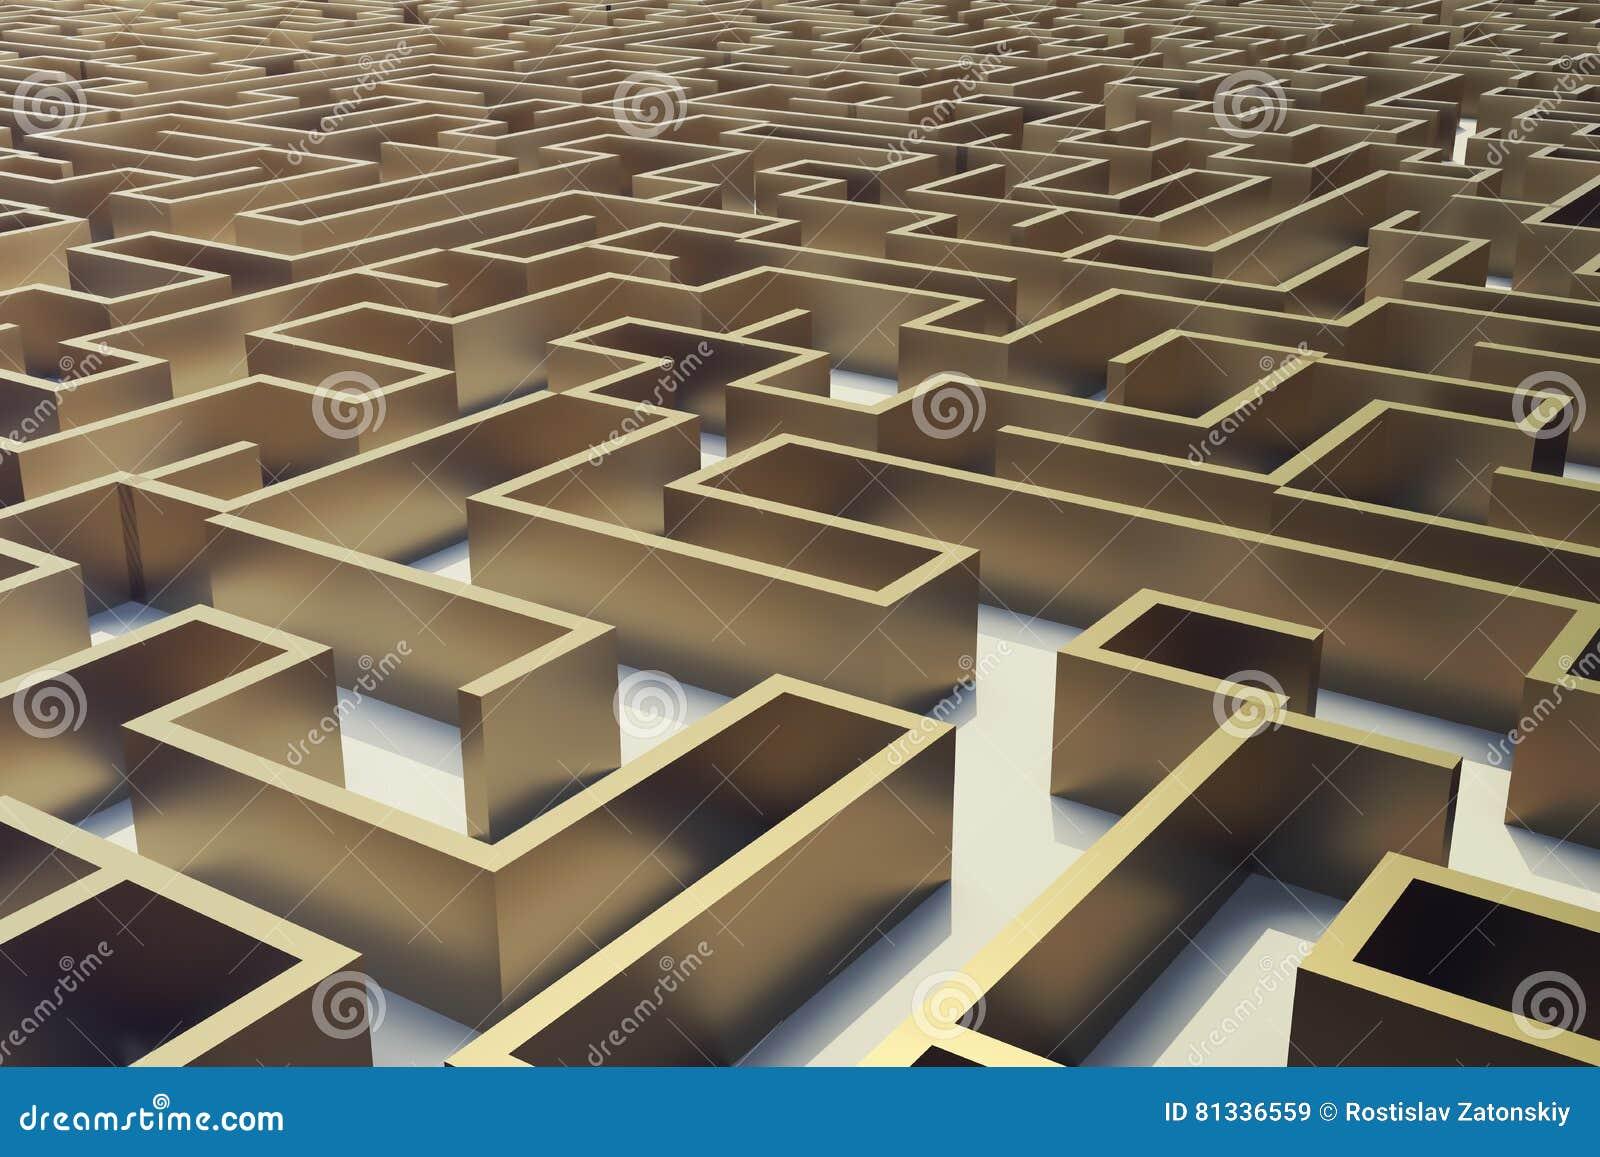 3d ilustracyjny złocisty labitynt, powikłany rozwiązywania problemów pojęcie